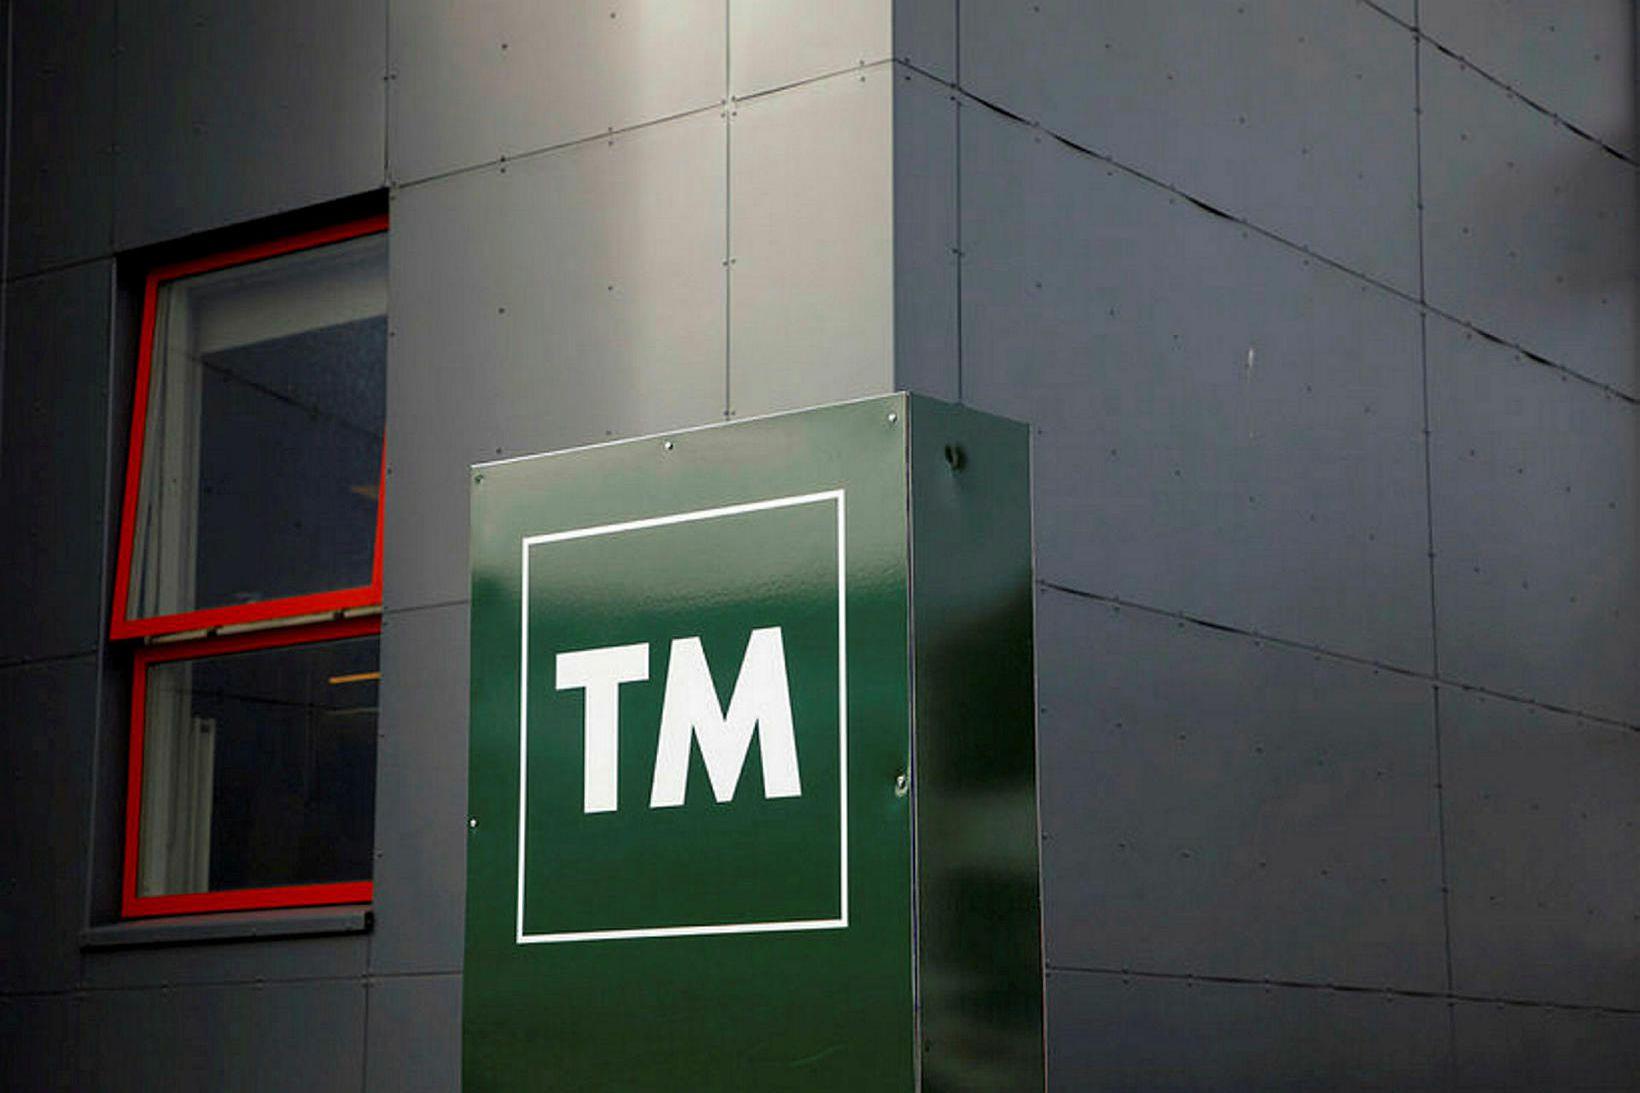 Nafnið TM hefur meðal annars verið notað í merki Tryggingamiðstöðvarinnar …